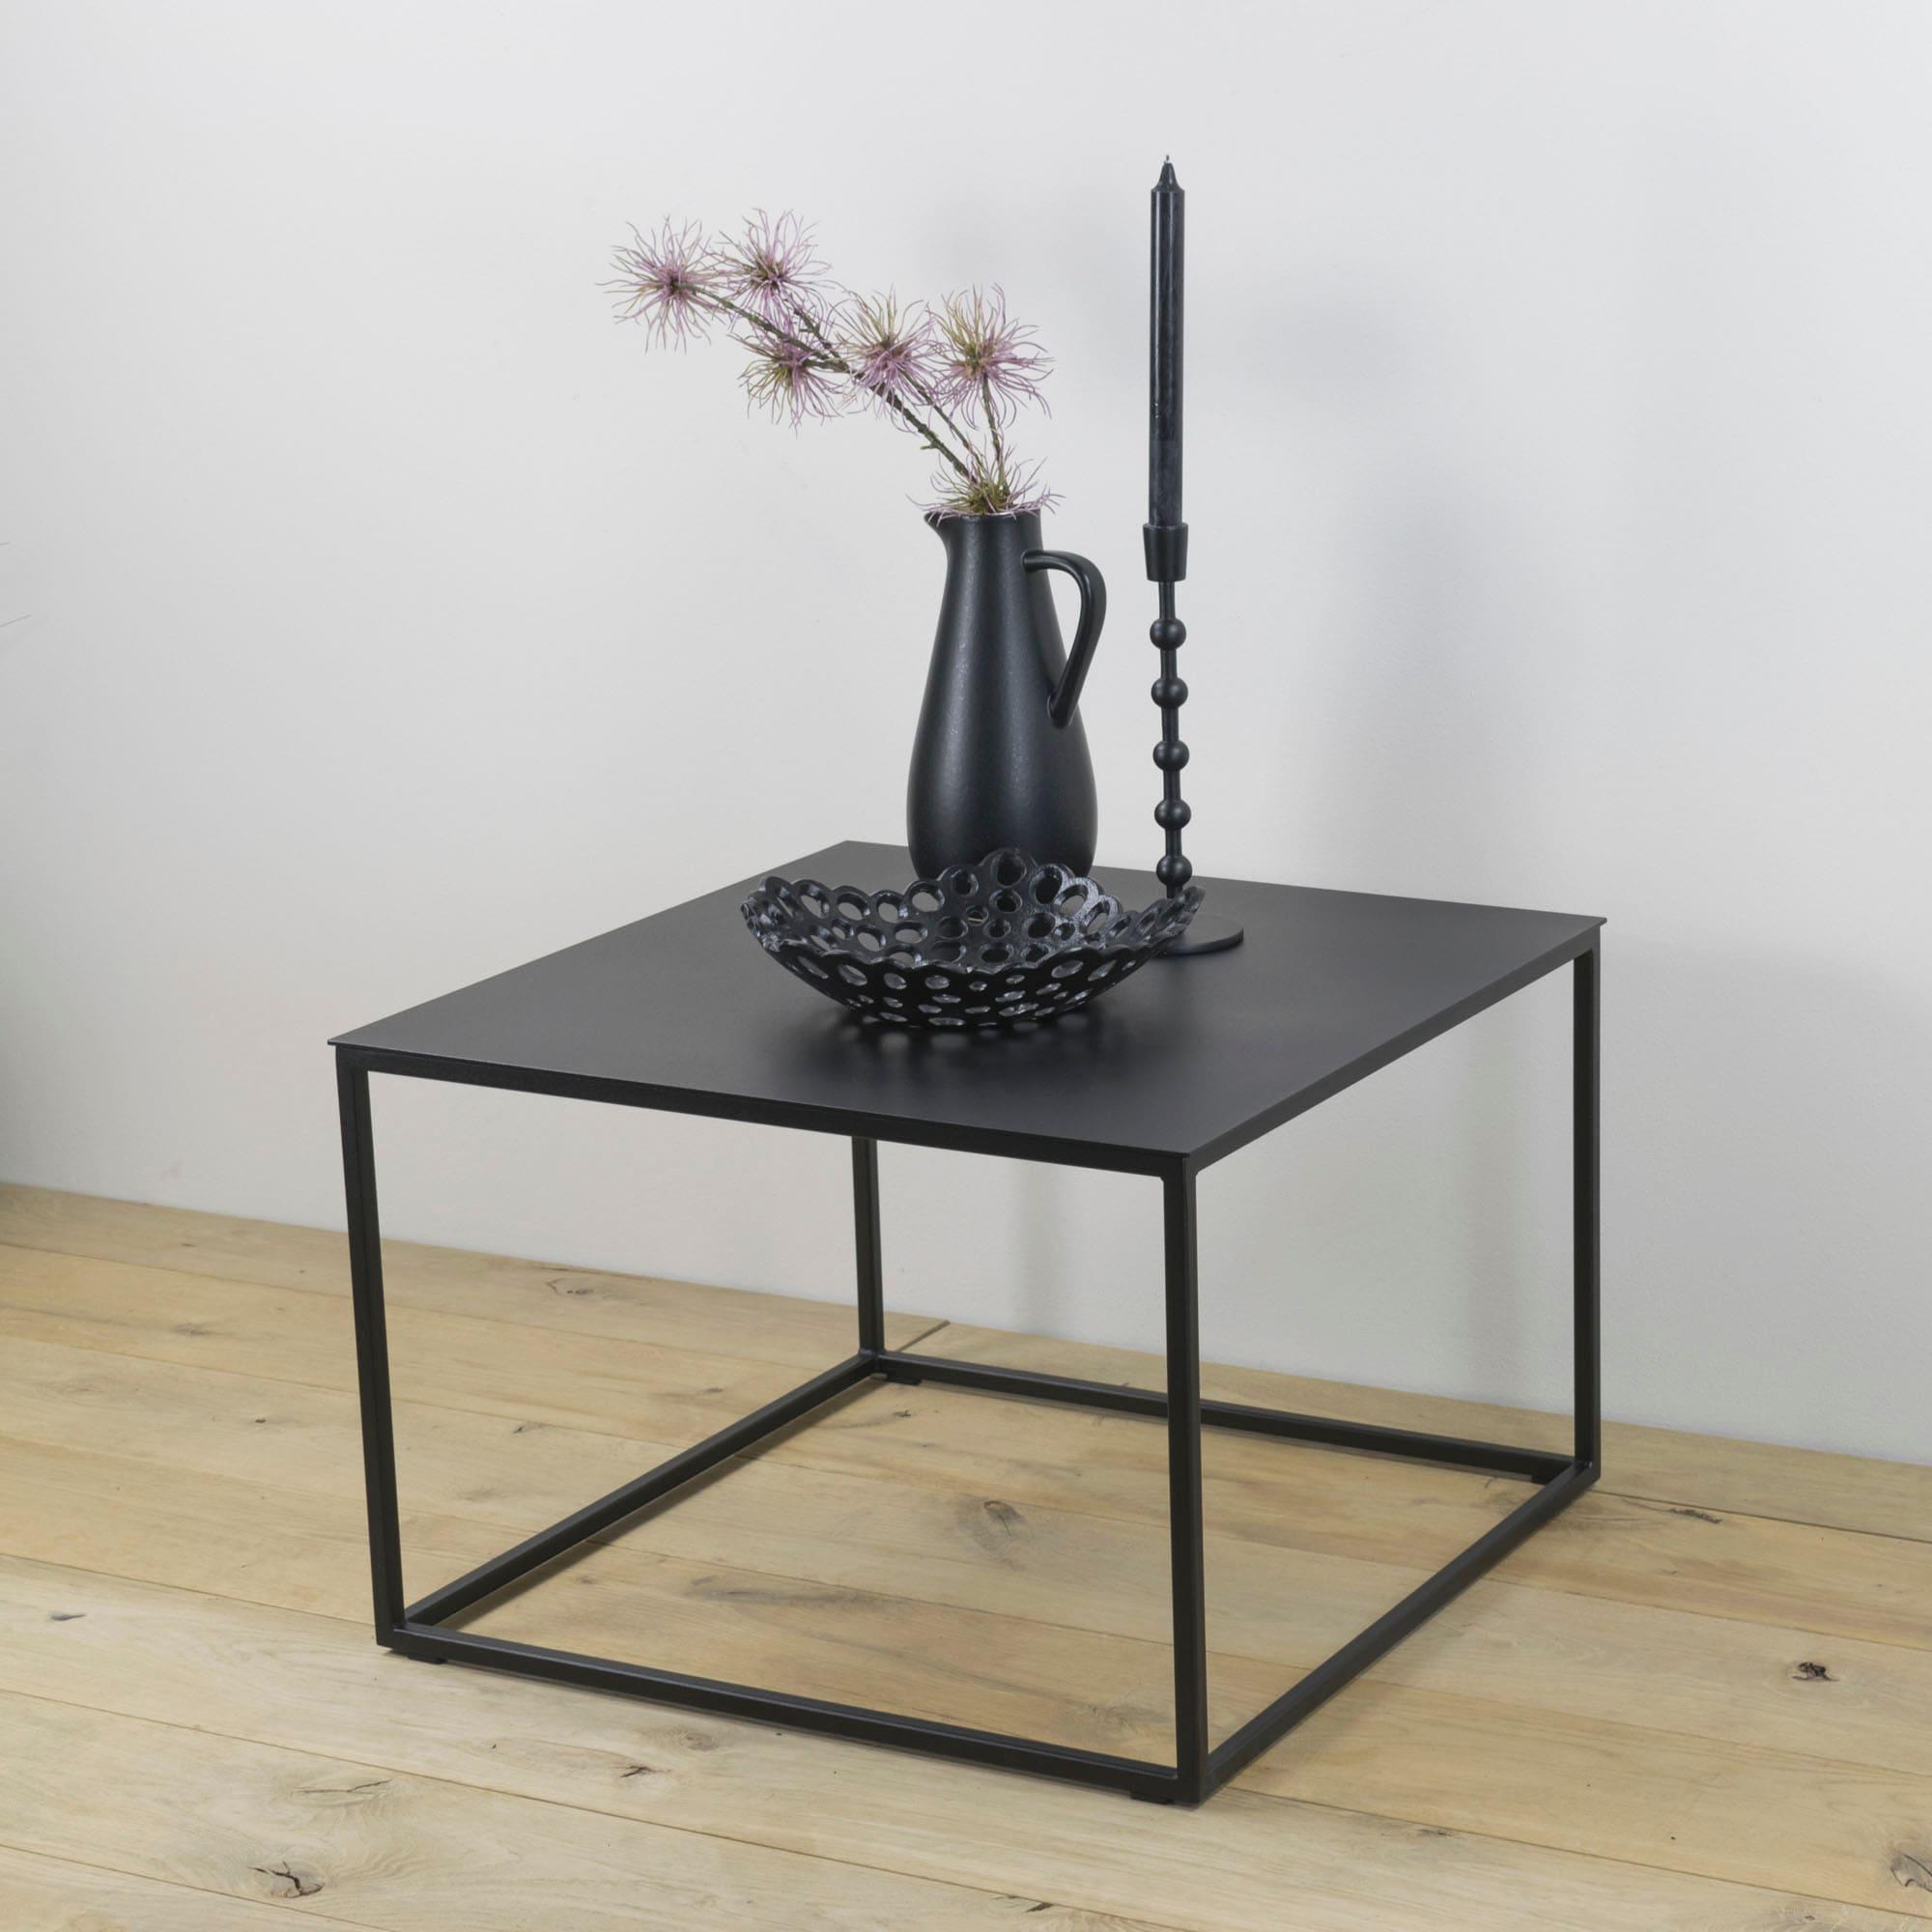 Spinder Design Beistelltisch Store, Breite 60 cm schwarz Beistelltische Tische